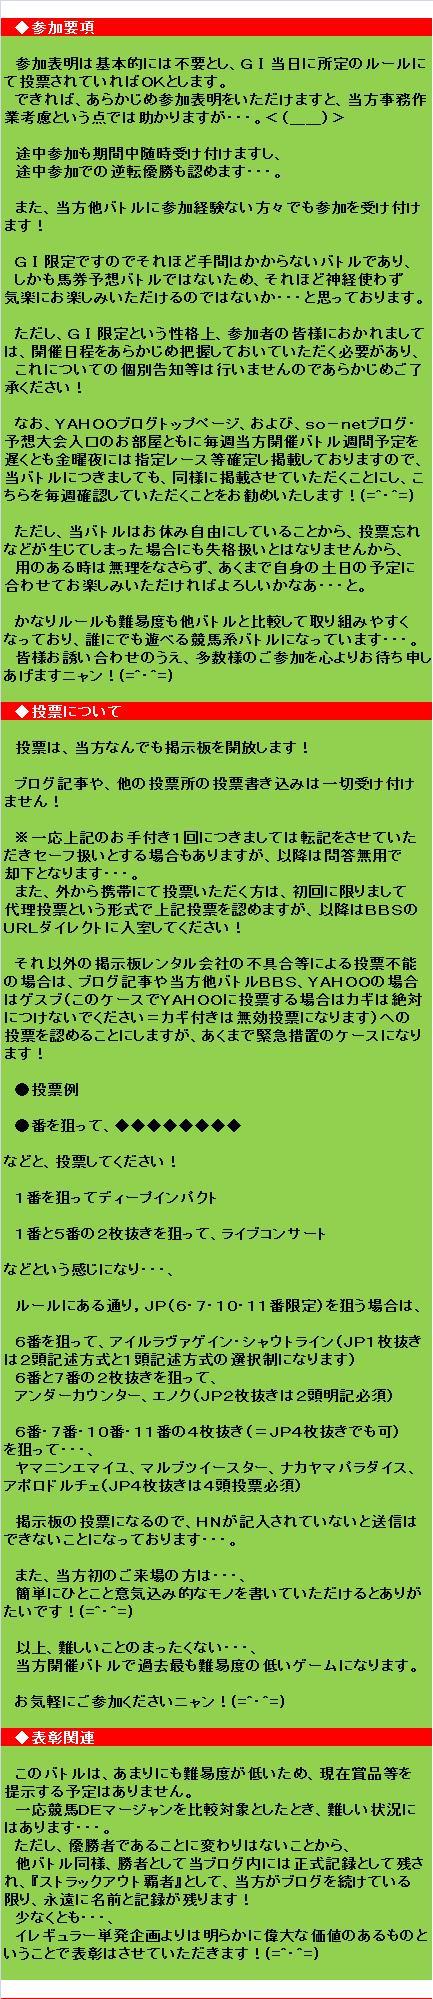 20100319・ストラックアウト・ルール⑤.jpg